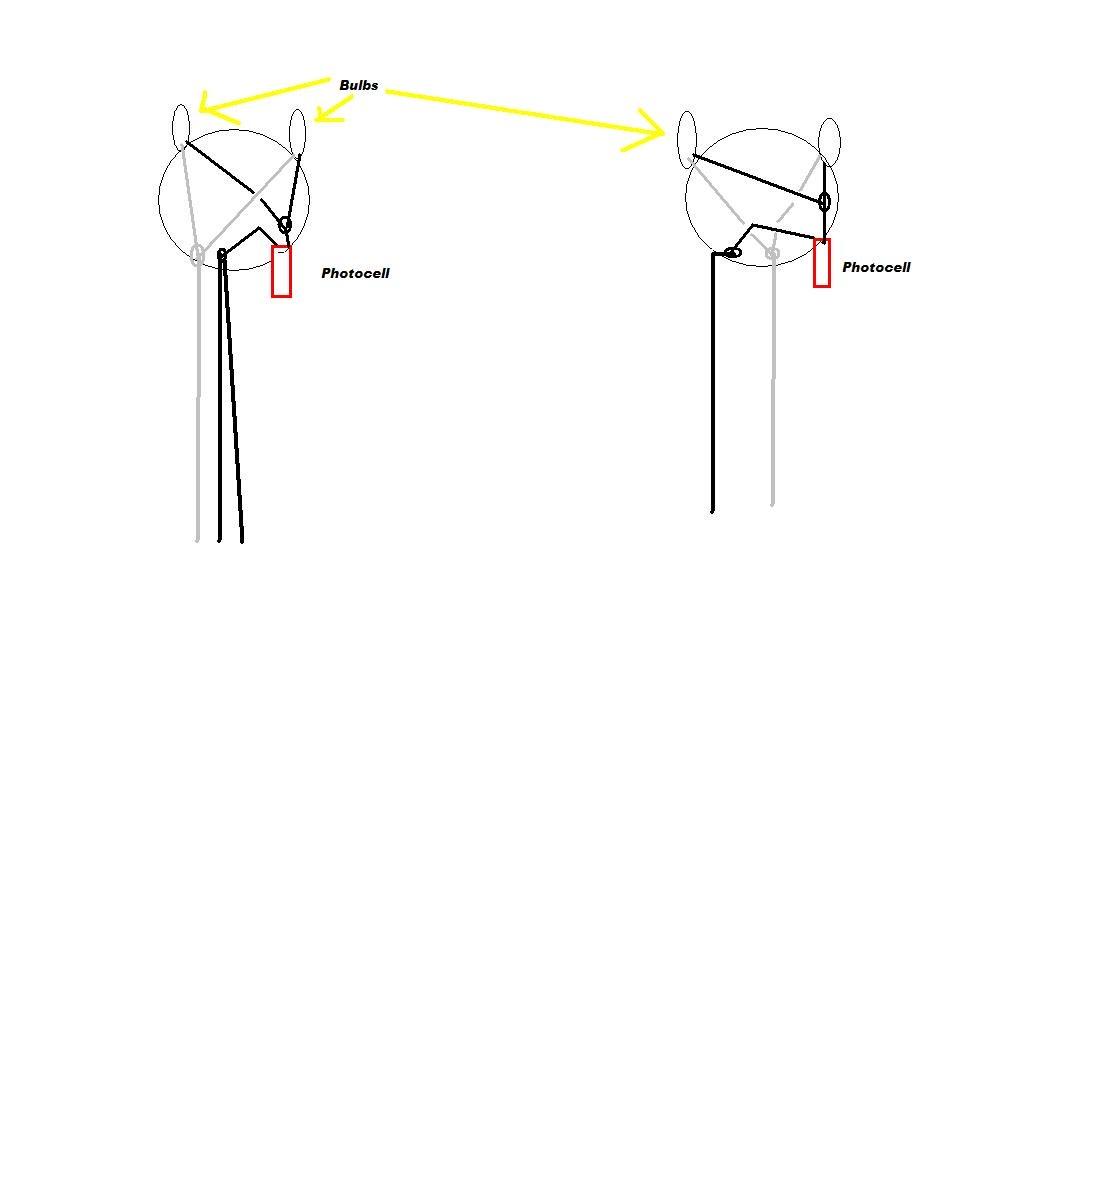 OK_5742] Two Photocells Wiring Diagram One Light Schematic Wiring | Two Photocells Wiring Diagram One Light |  | Pimpaps Benkeme Mohammedshrine Librar Wiring 101